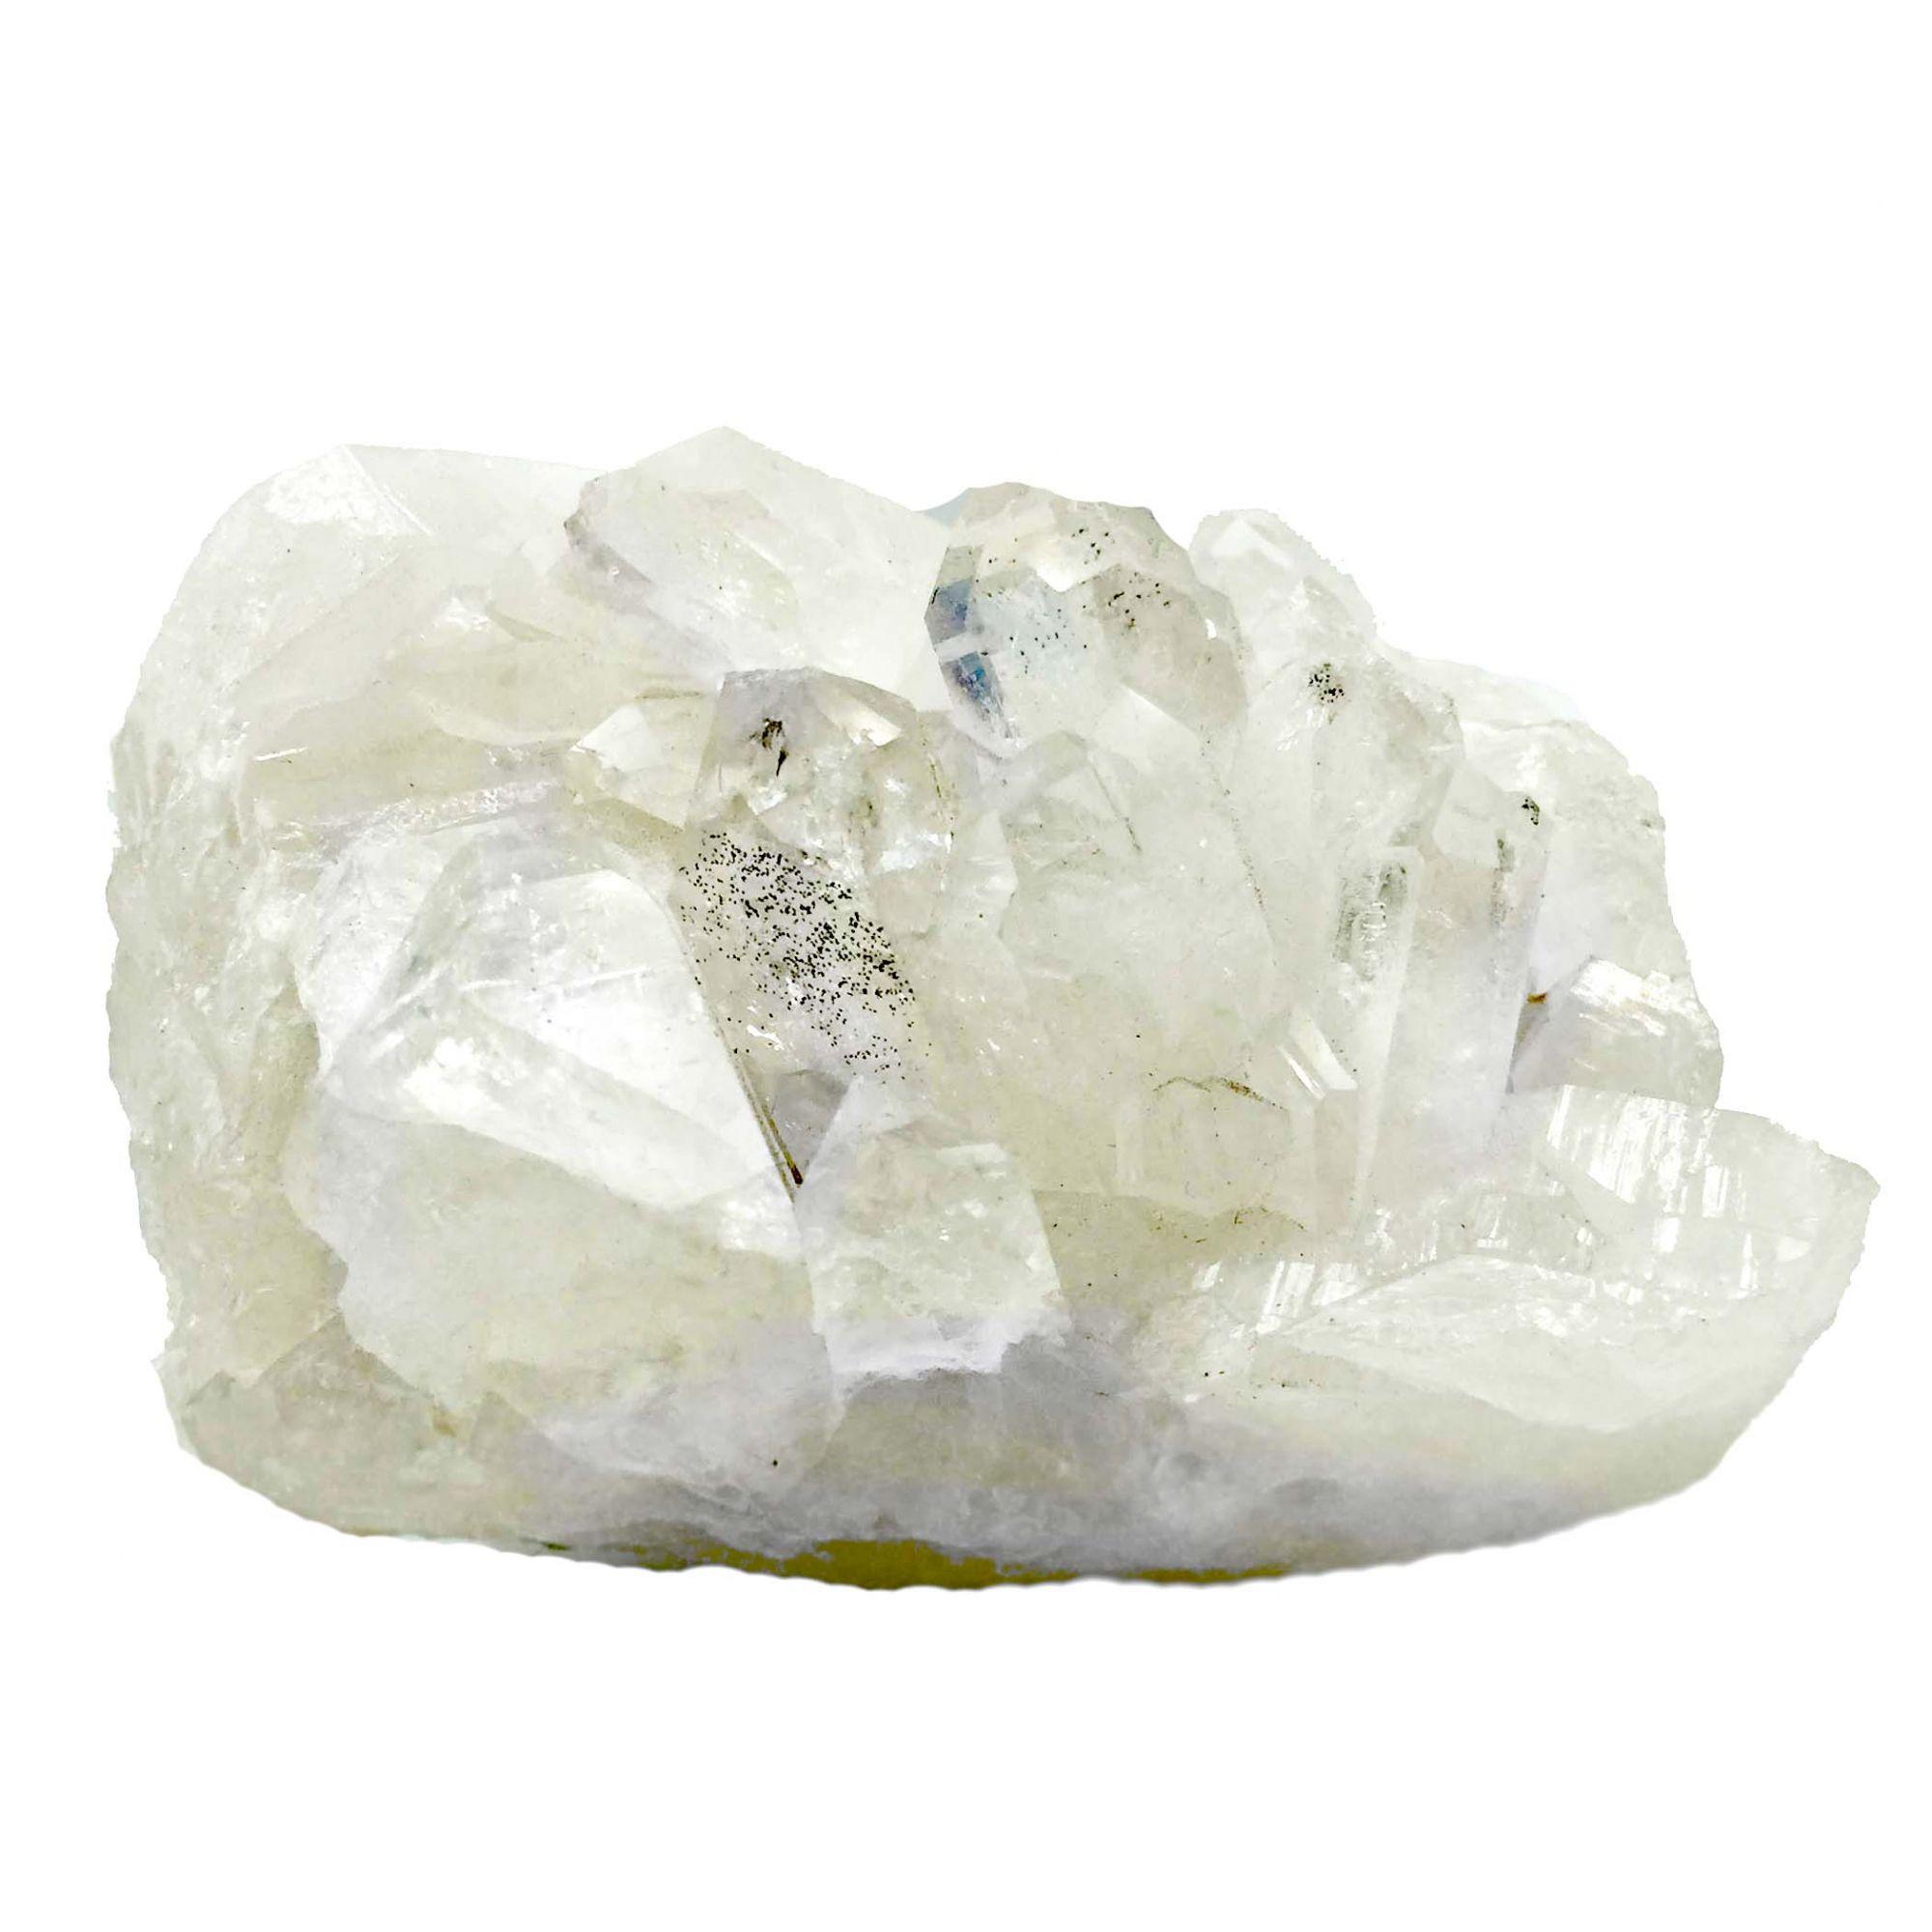 Drusa de Cristal Quartzo Transparente Branco Pontas Brutas G